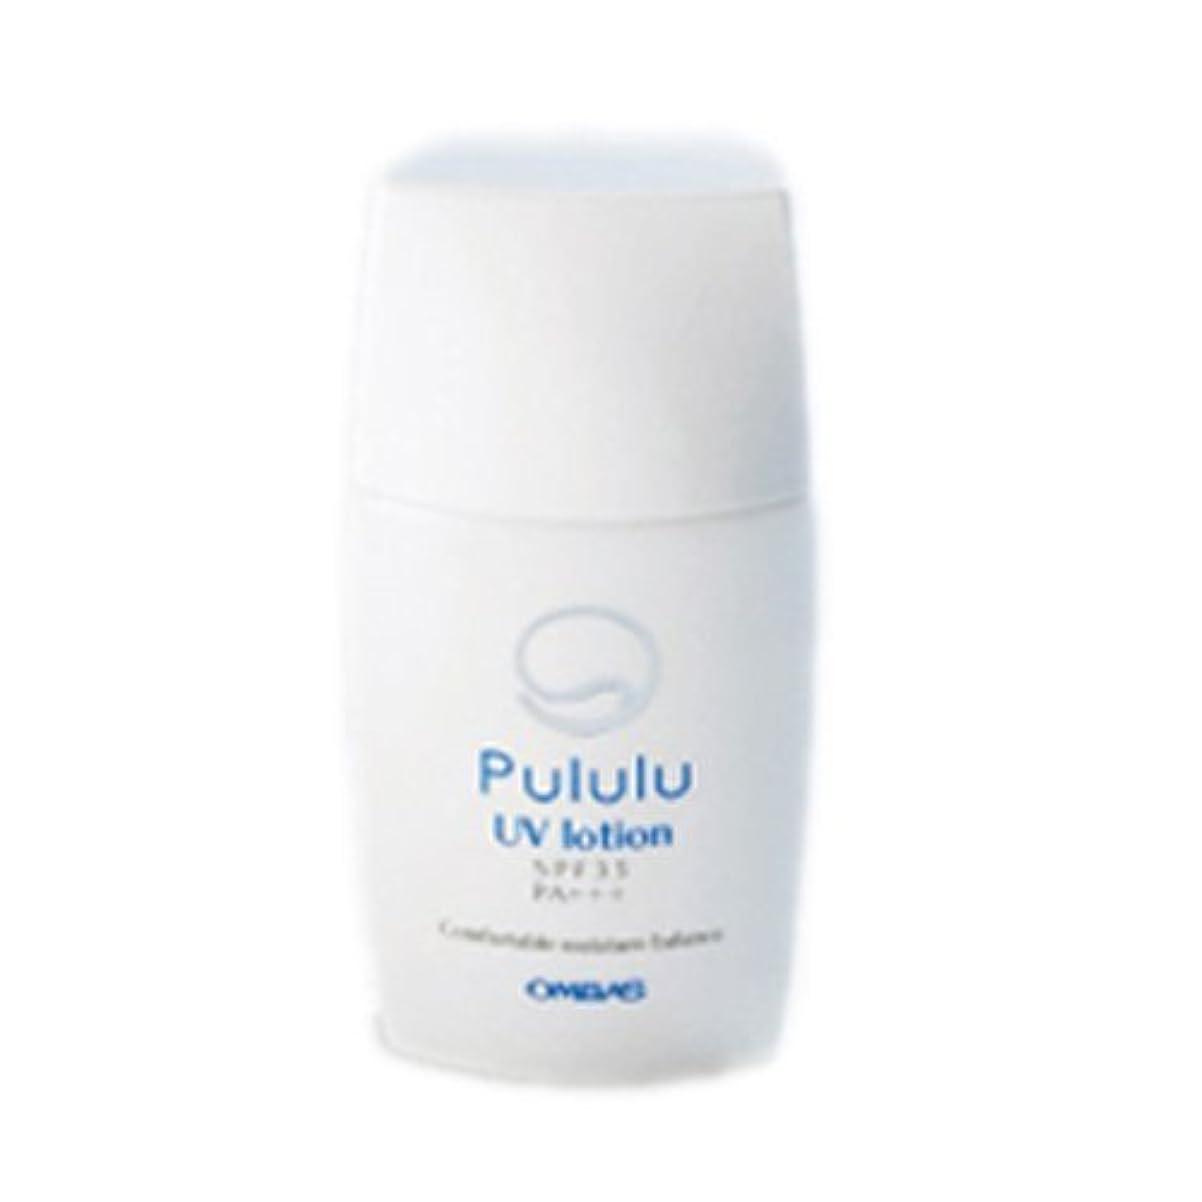 値するカヌー非常にPululu シリーズ Pululu UVローション